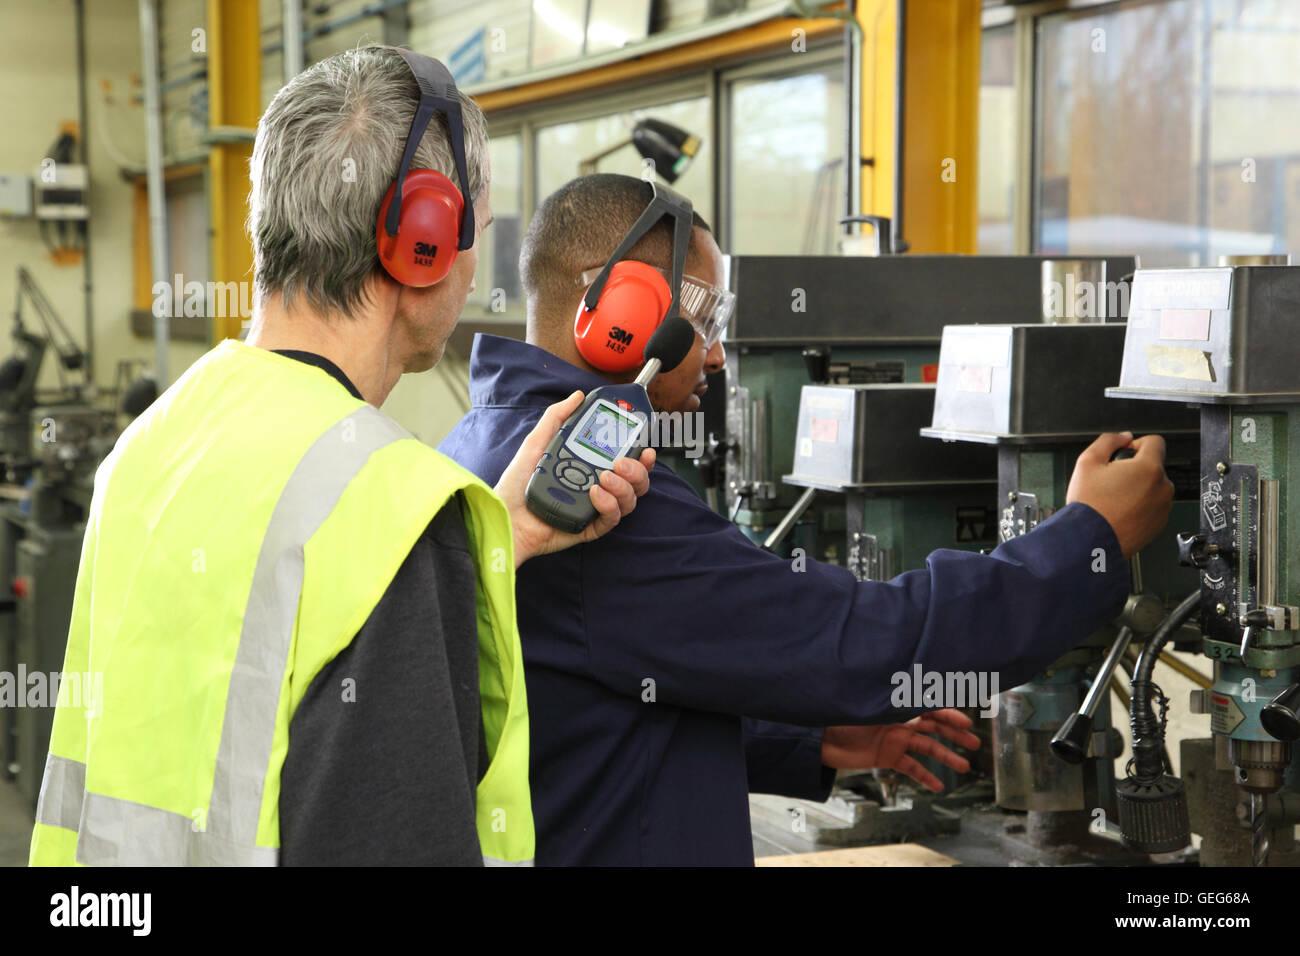 Un ingénieur de l'environnement surveille les niveaux de bruit à côté d'une machine Photo Stock